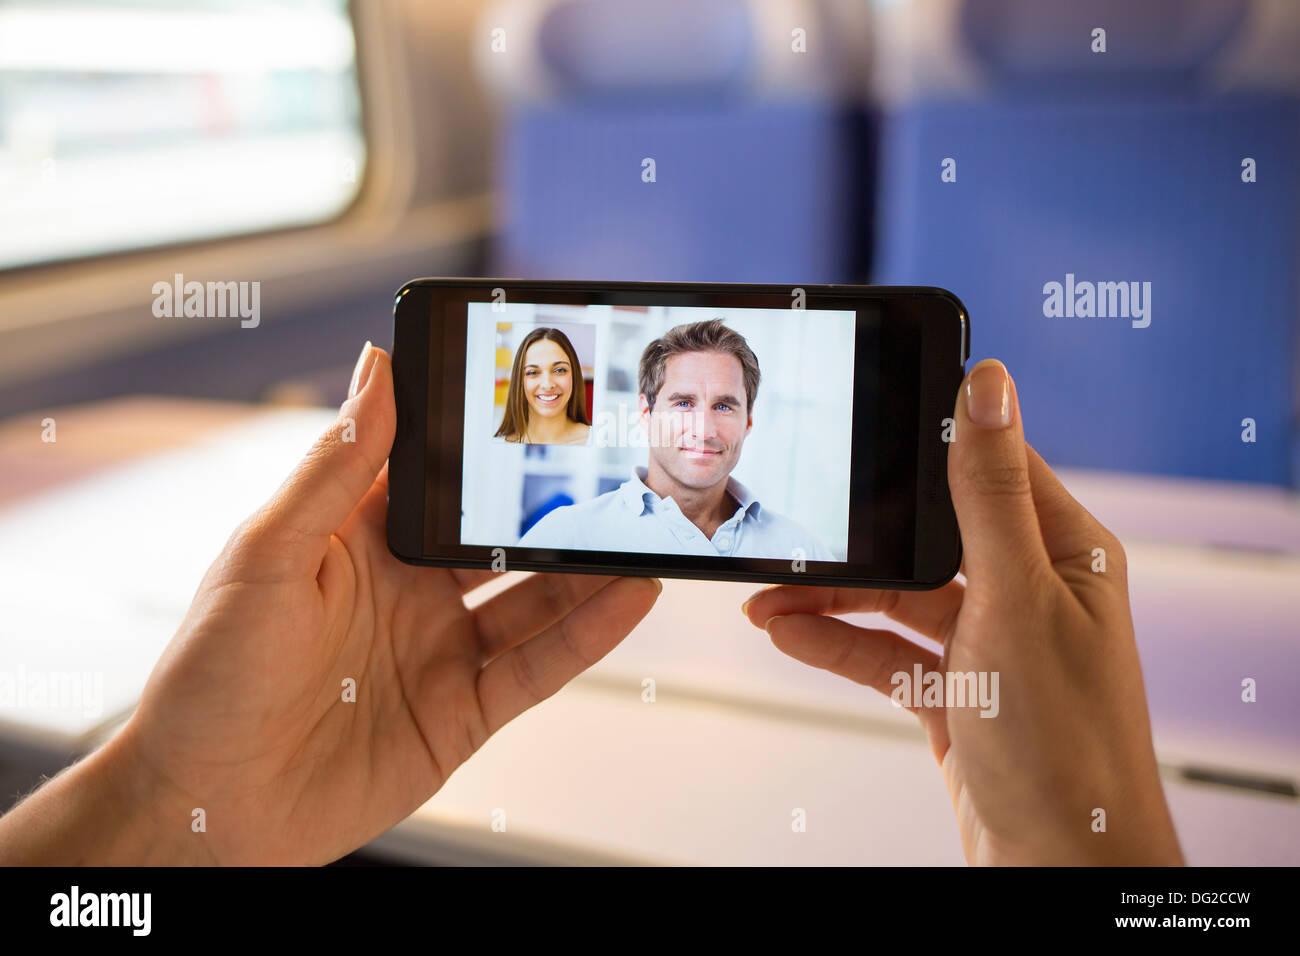 Frau in Bahn im Chat auf ihrem Handy. Video-Konferenz Stockbild